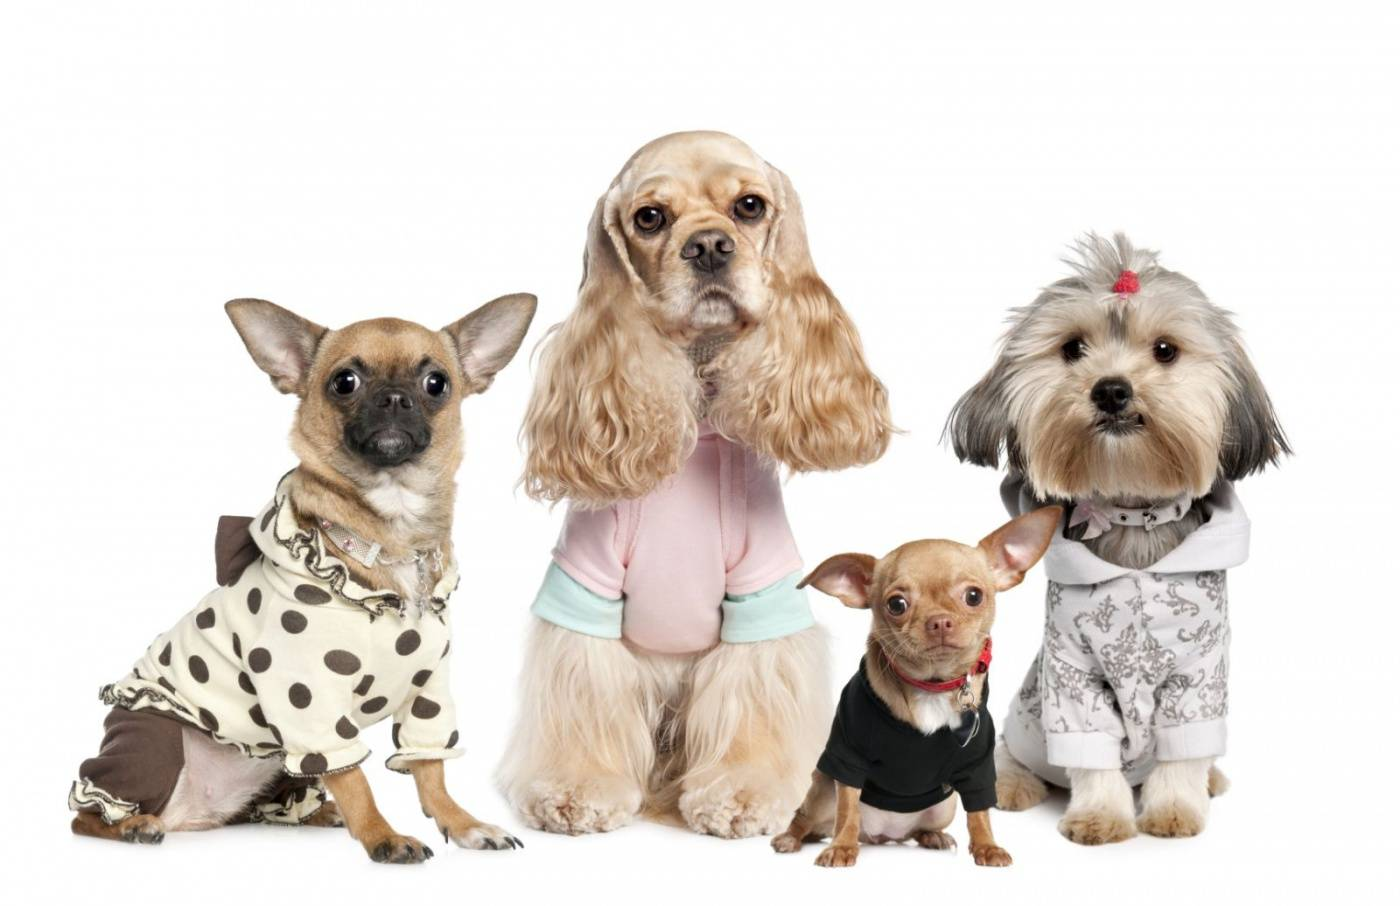 Одежда для маленьких собак: как выбрать, сшить самостоятельно